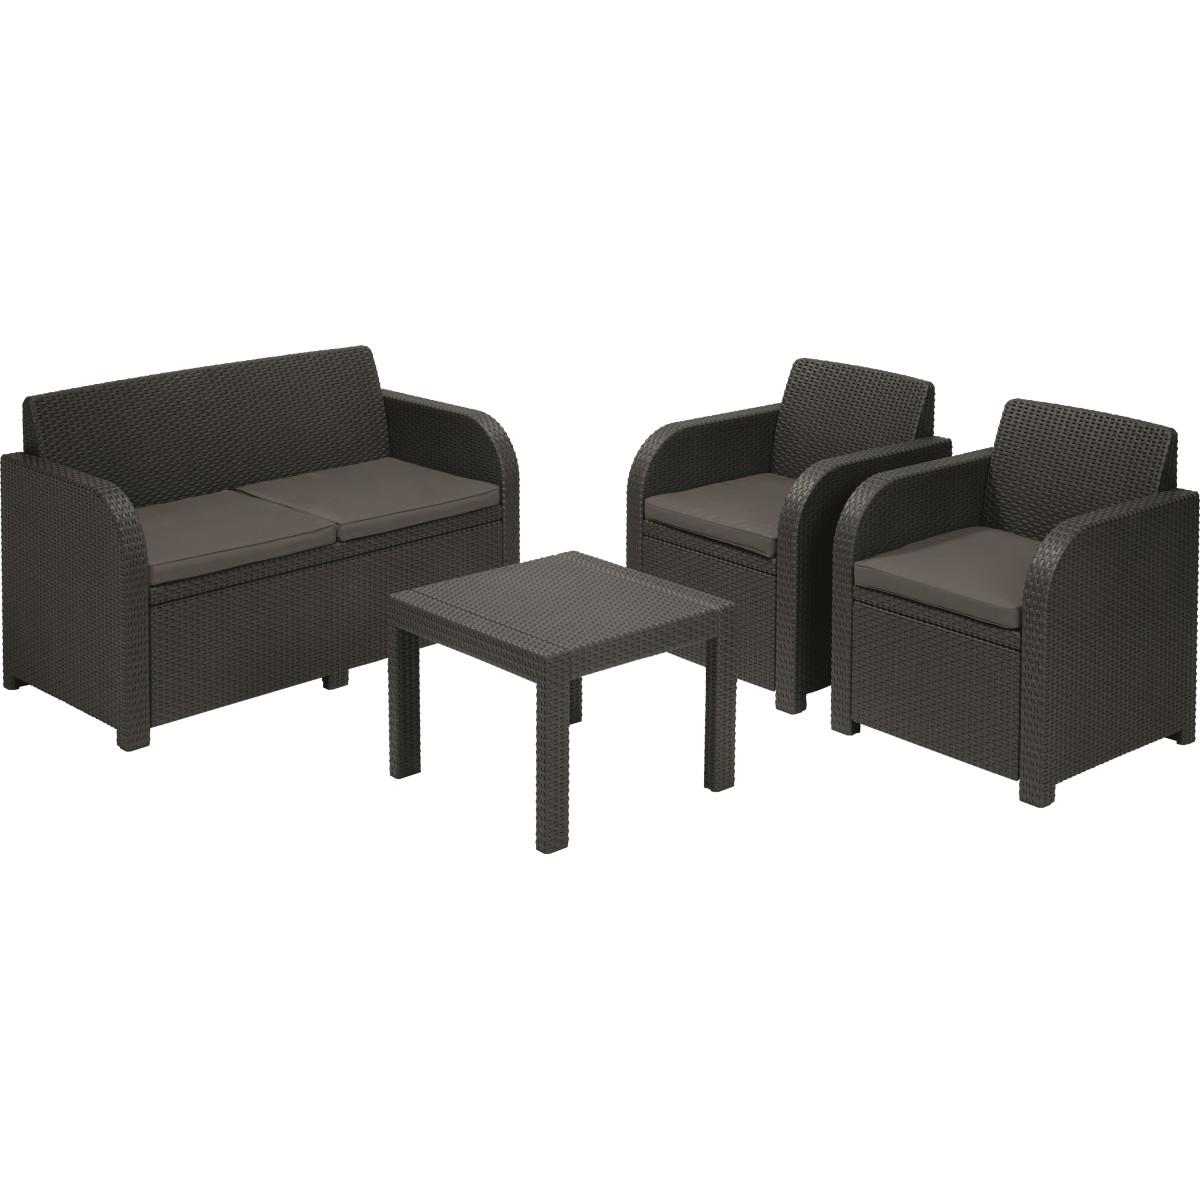 Набор садовой мебели Novara полиротанг коричневый стол диван и 2 кресла